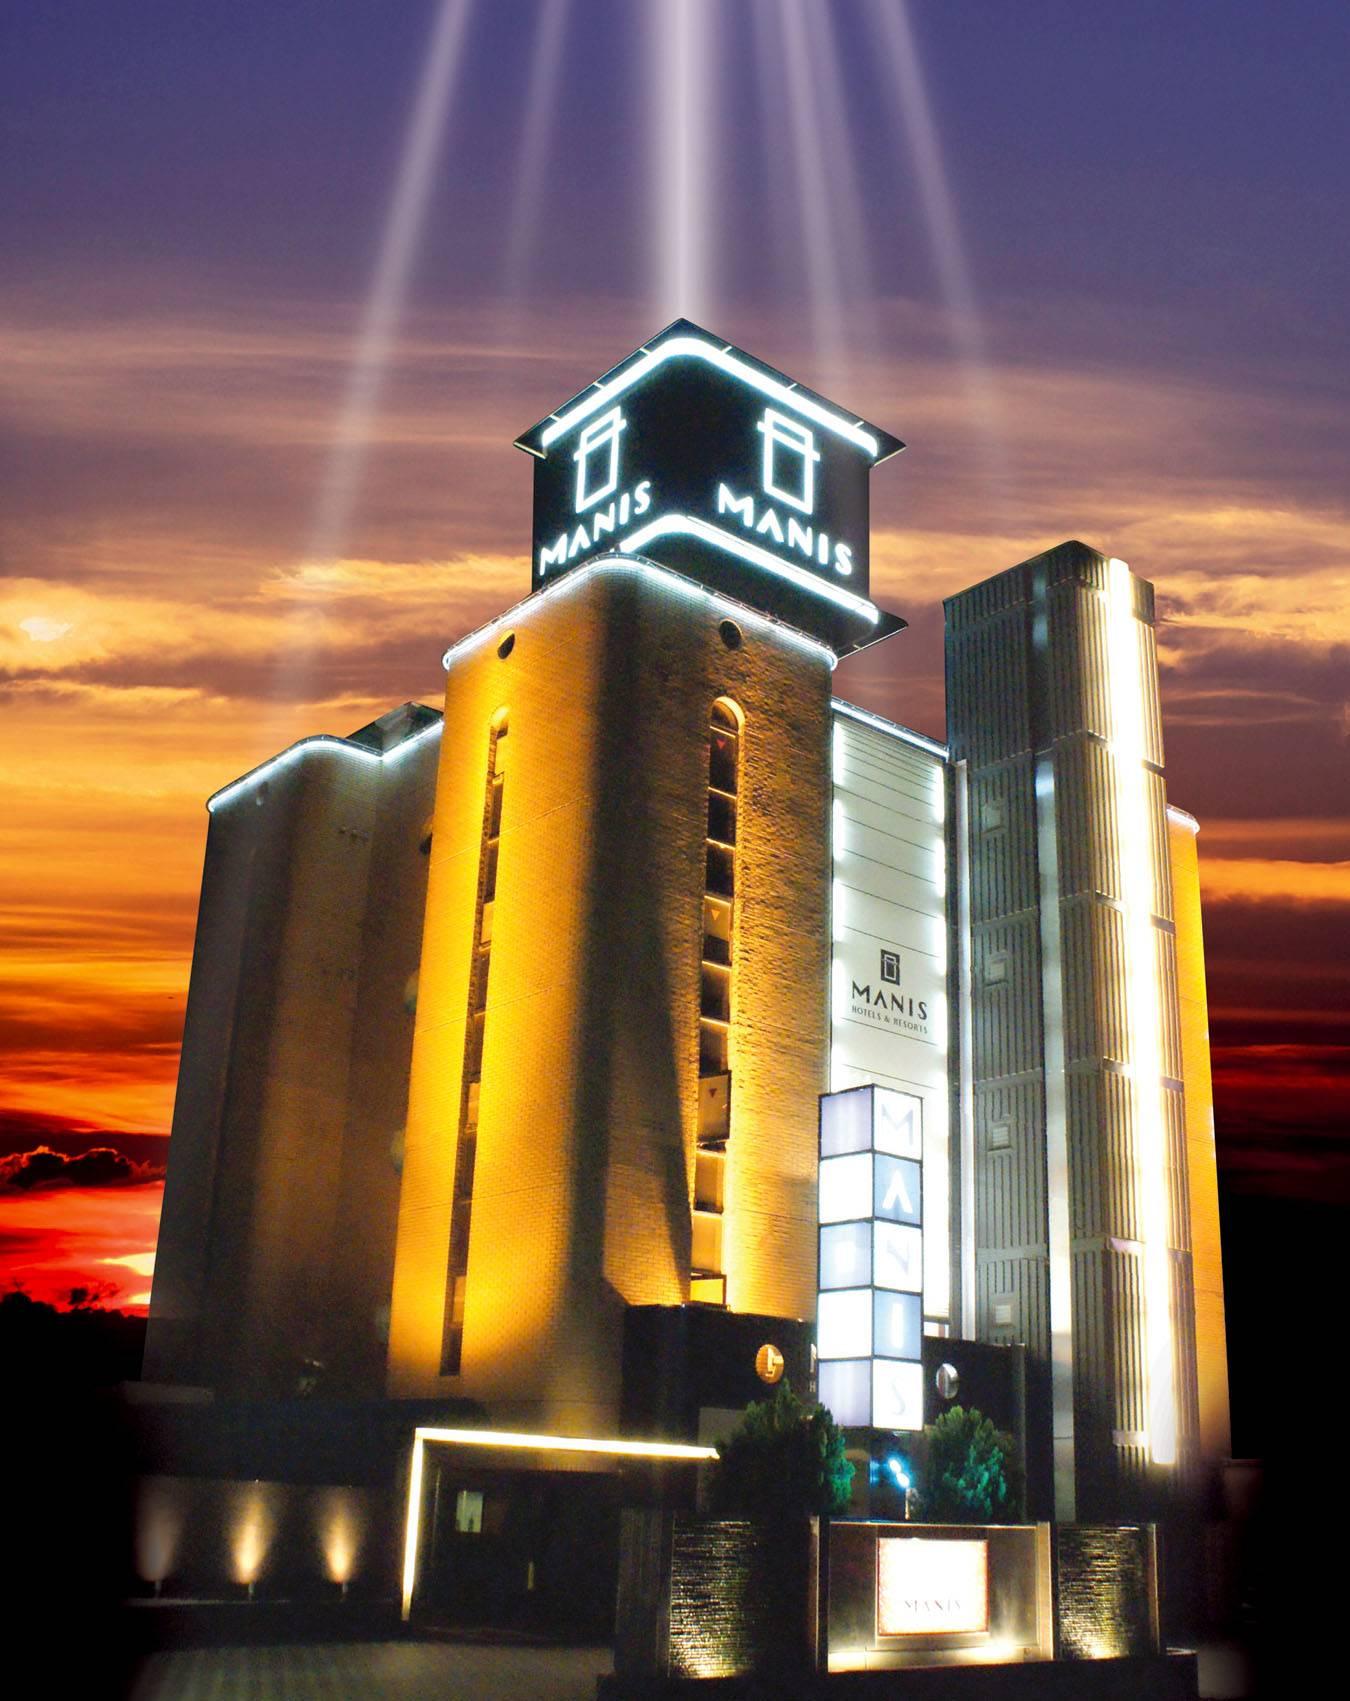 マニスホテル、ザ・マニスホテル&リゾーツ株式会社